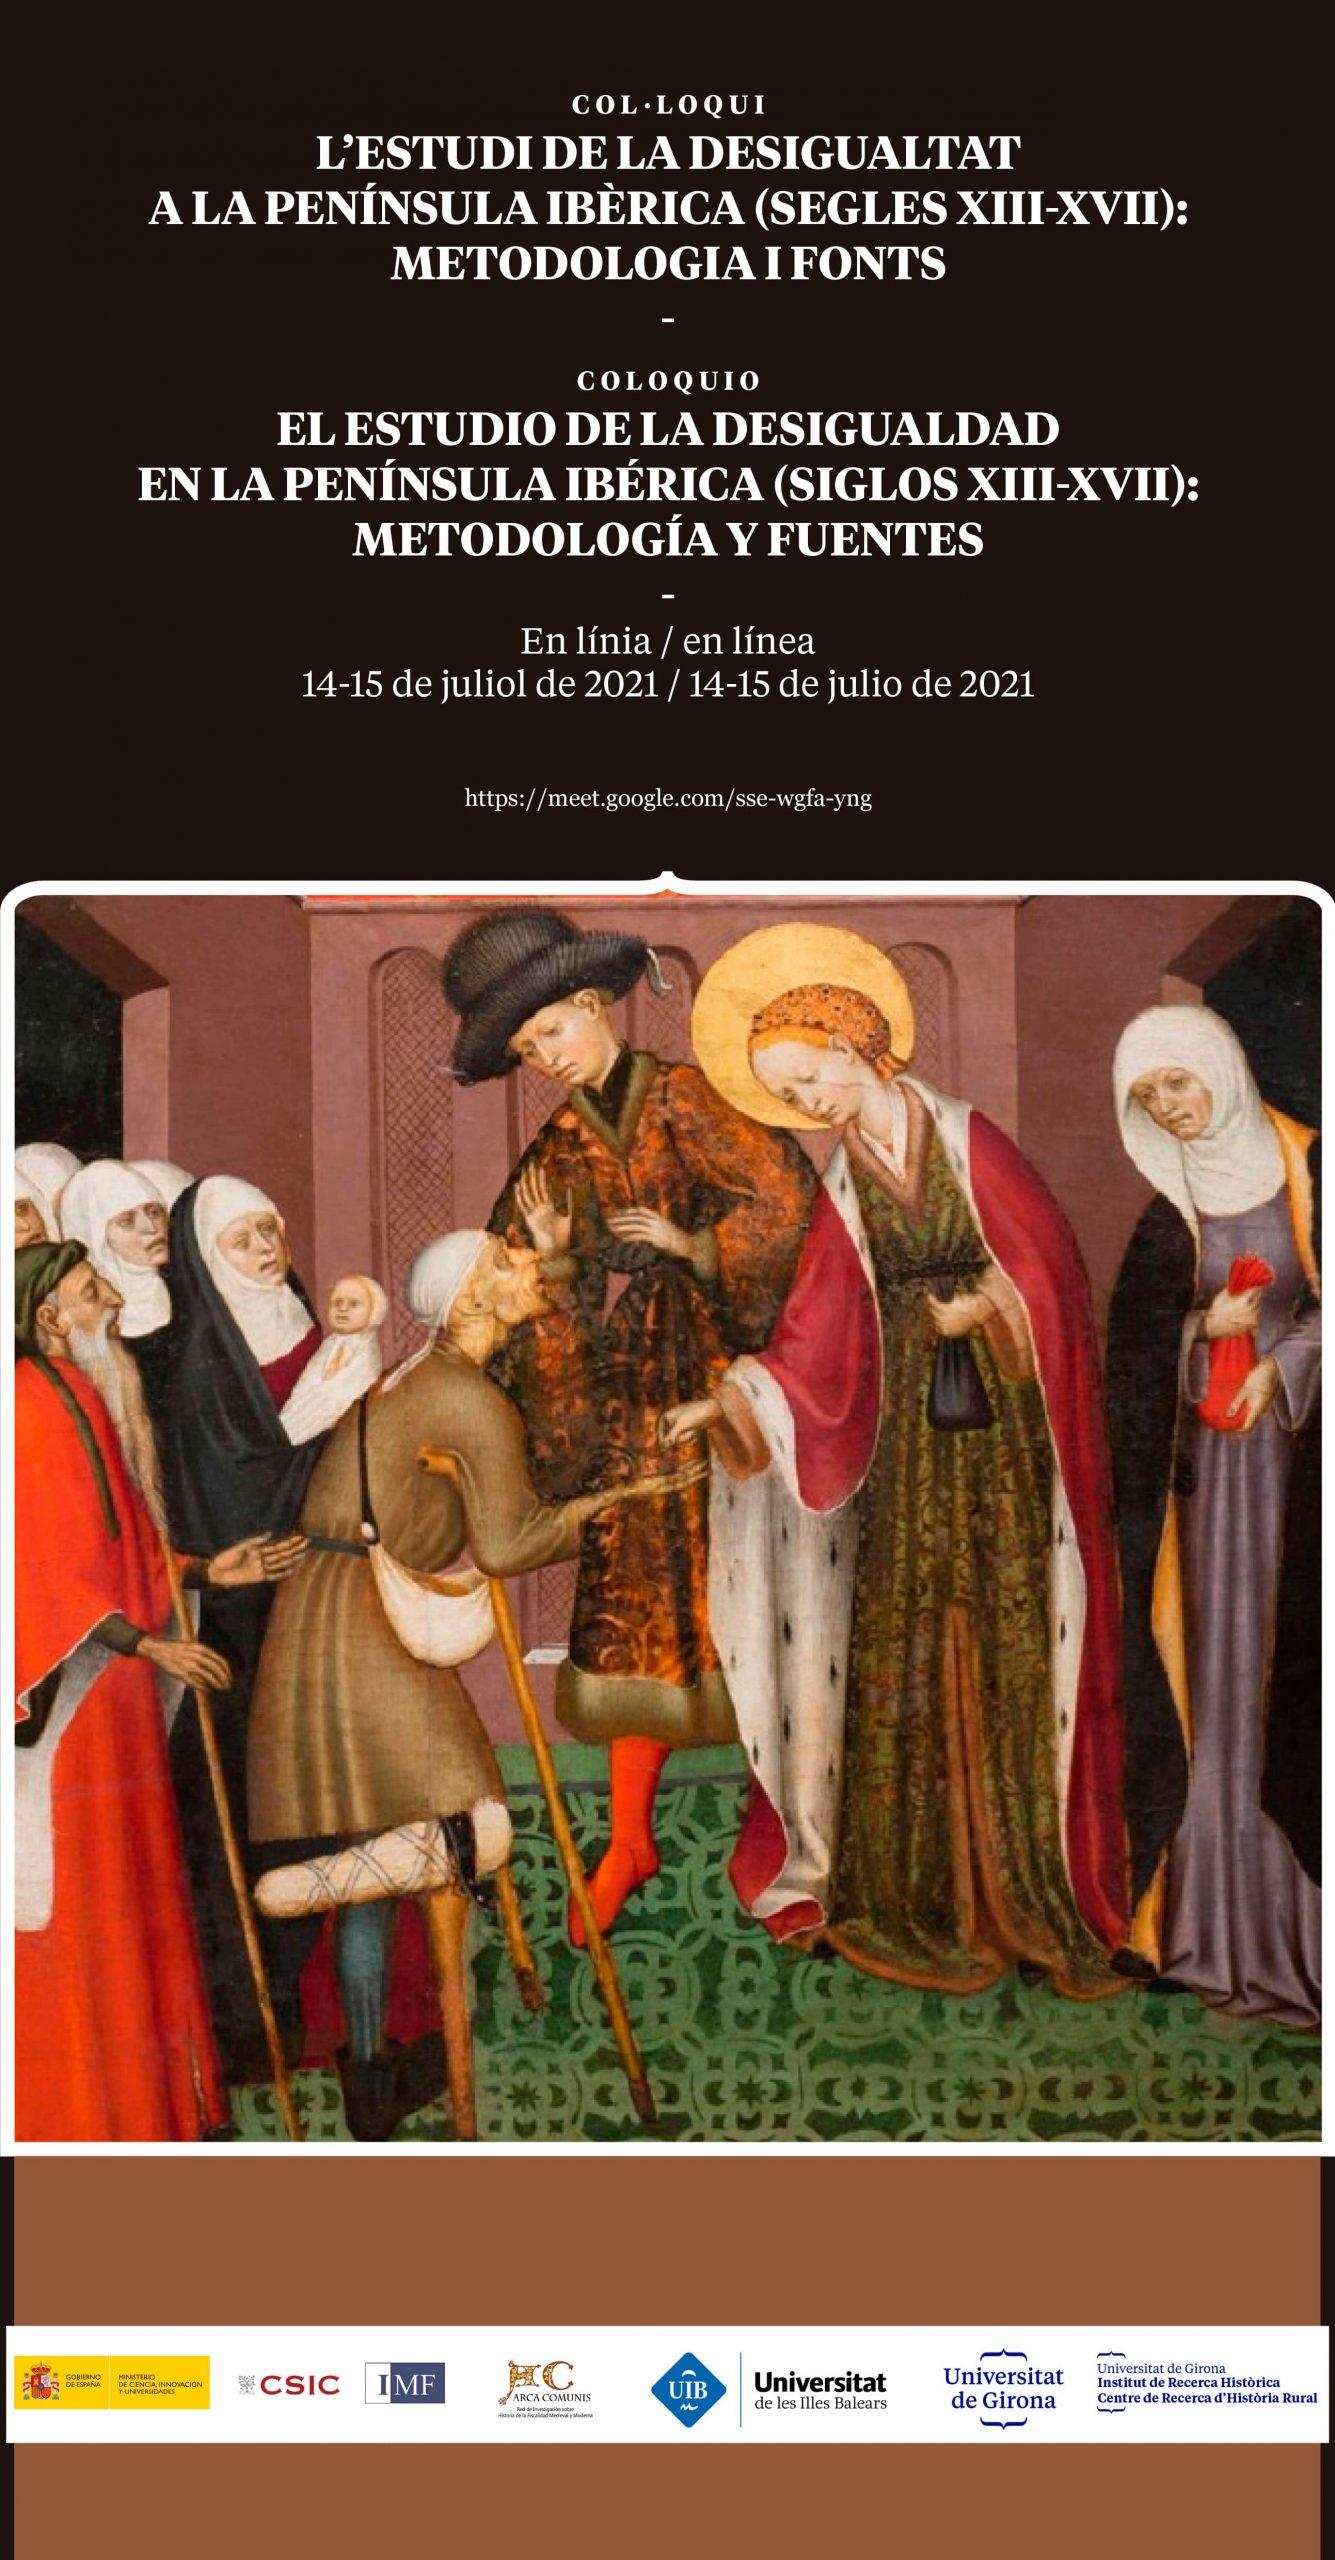 Coloquio sobre El estudio de la desigualdad en la península ibérica (siglos XIII-XVIII)